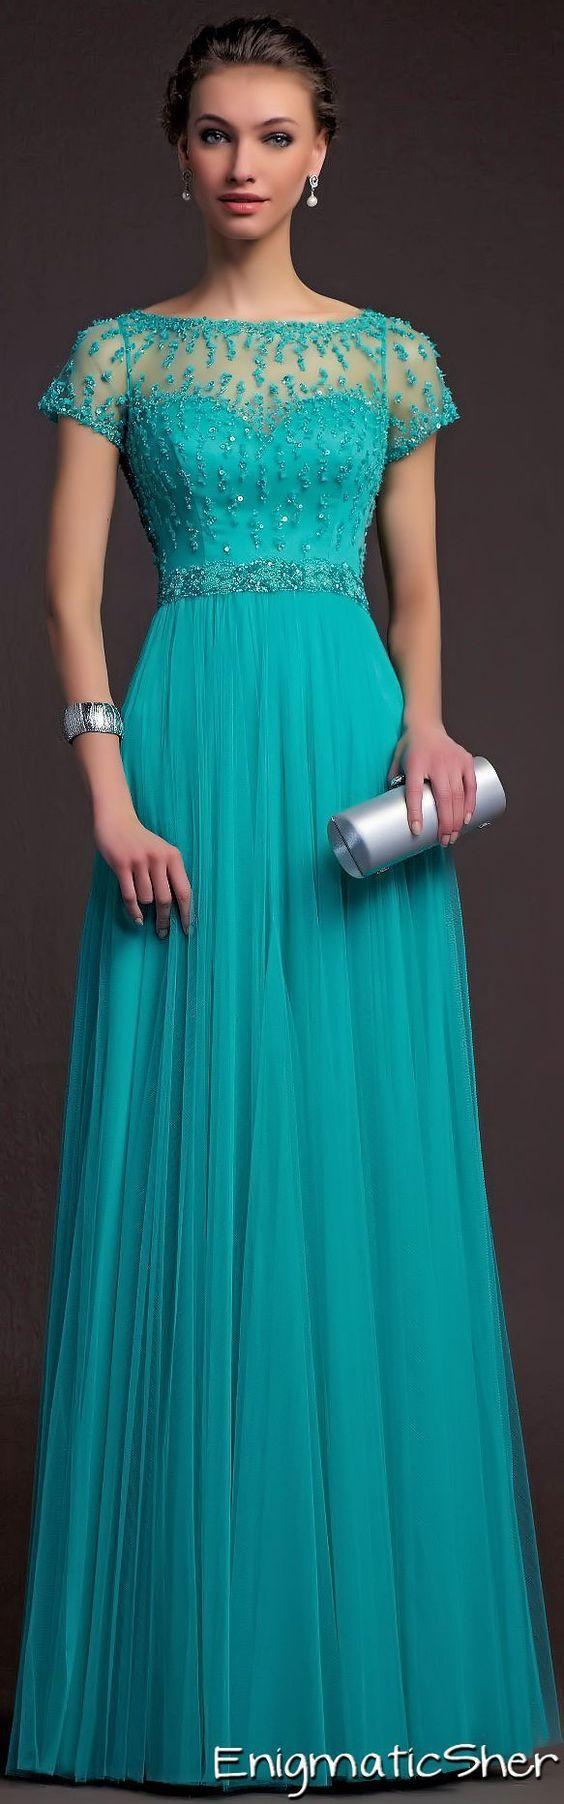 vestidos madrinha casamento azul